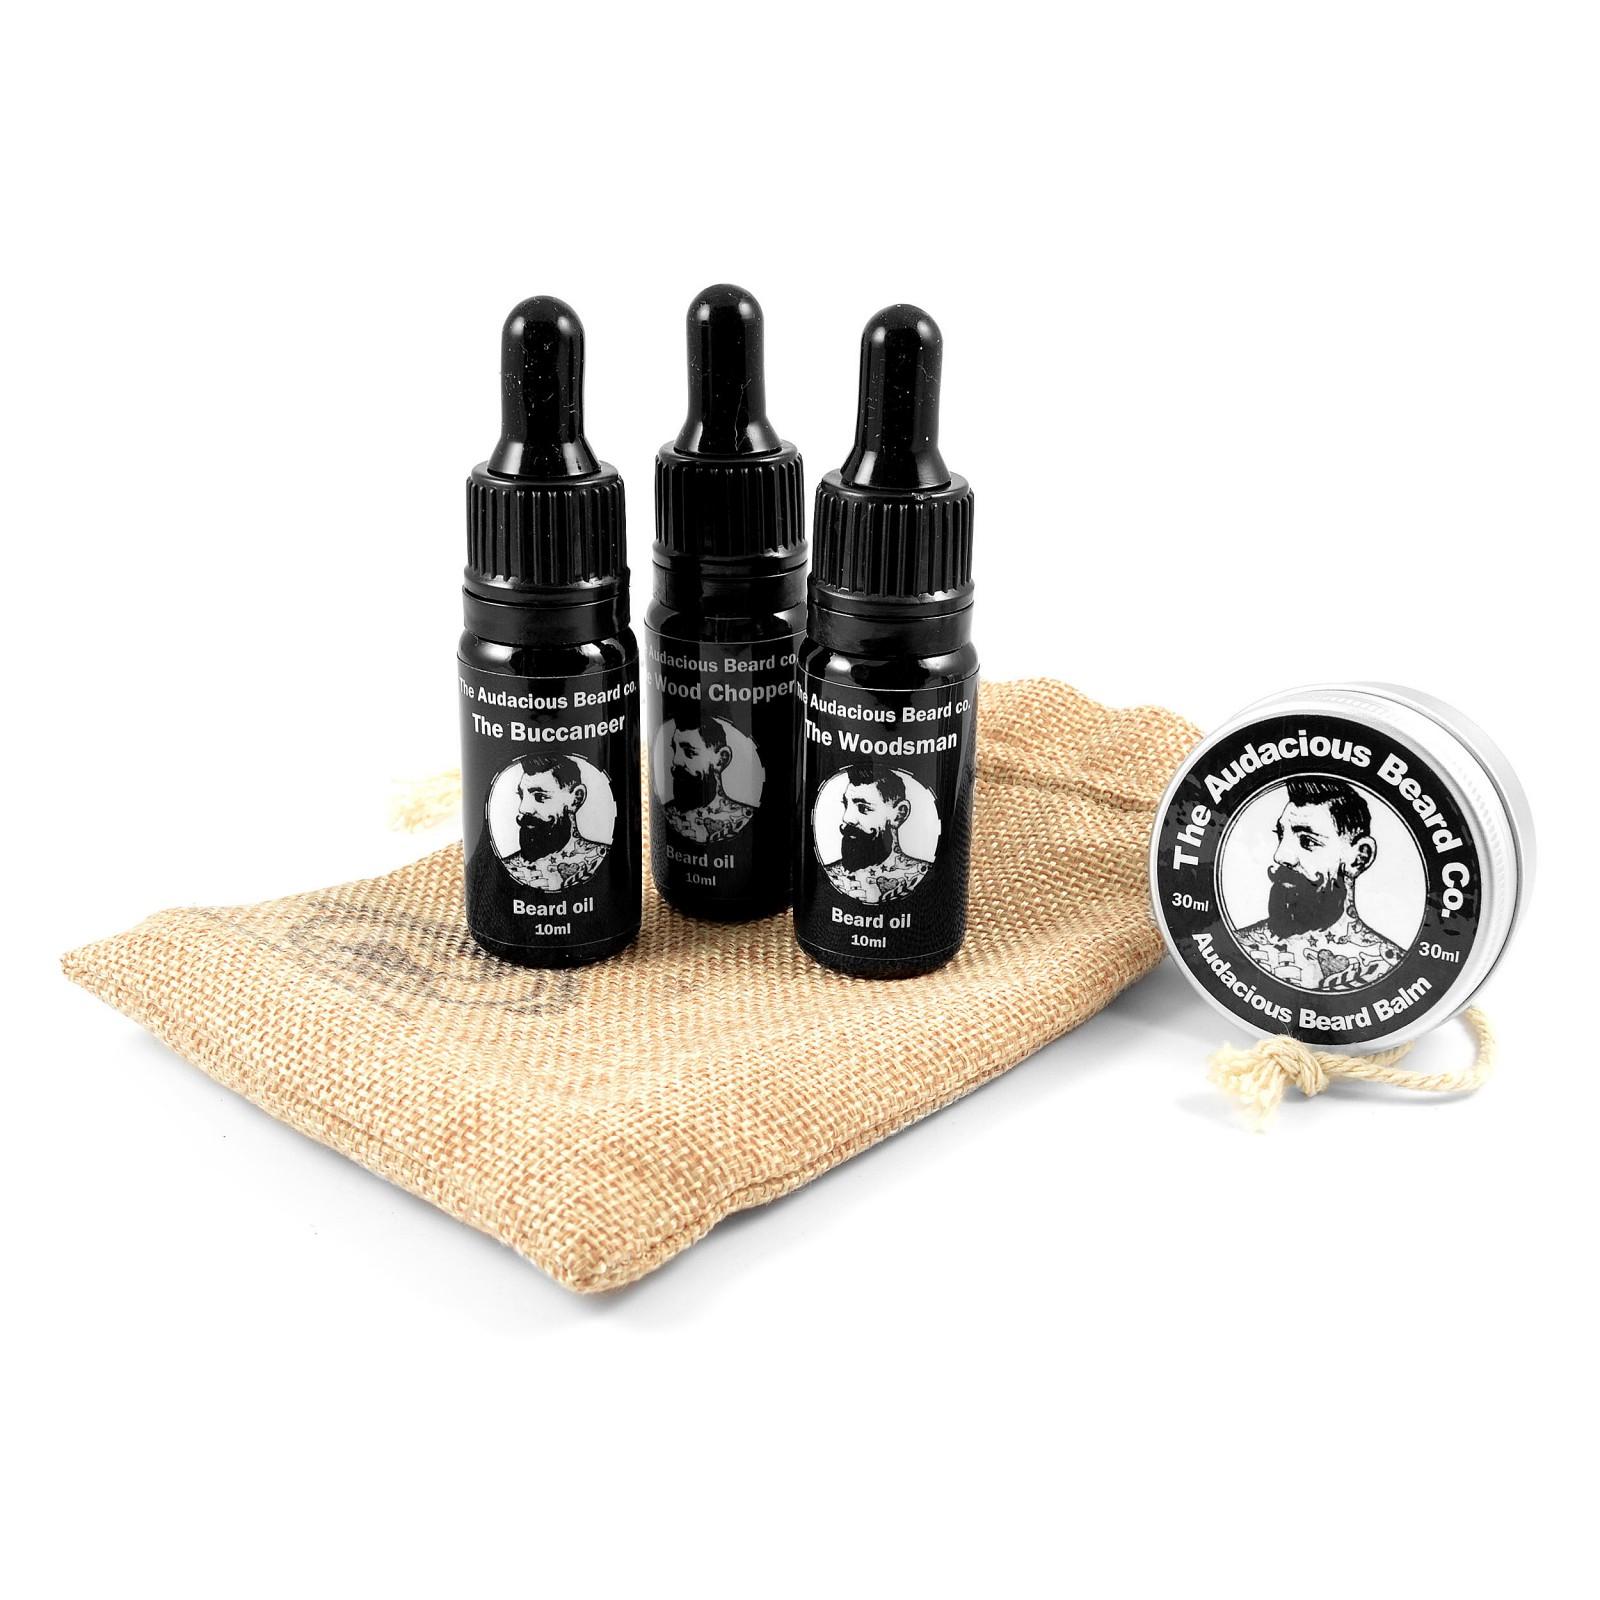 set-de-regalo-aceite-y-balsamo-barba-audacious-audacious-beard-co-31-1